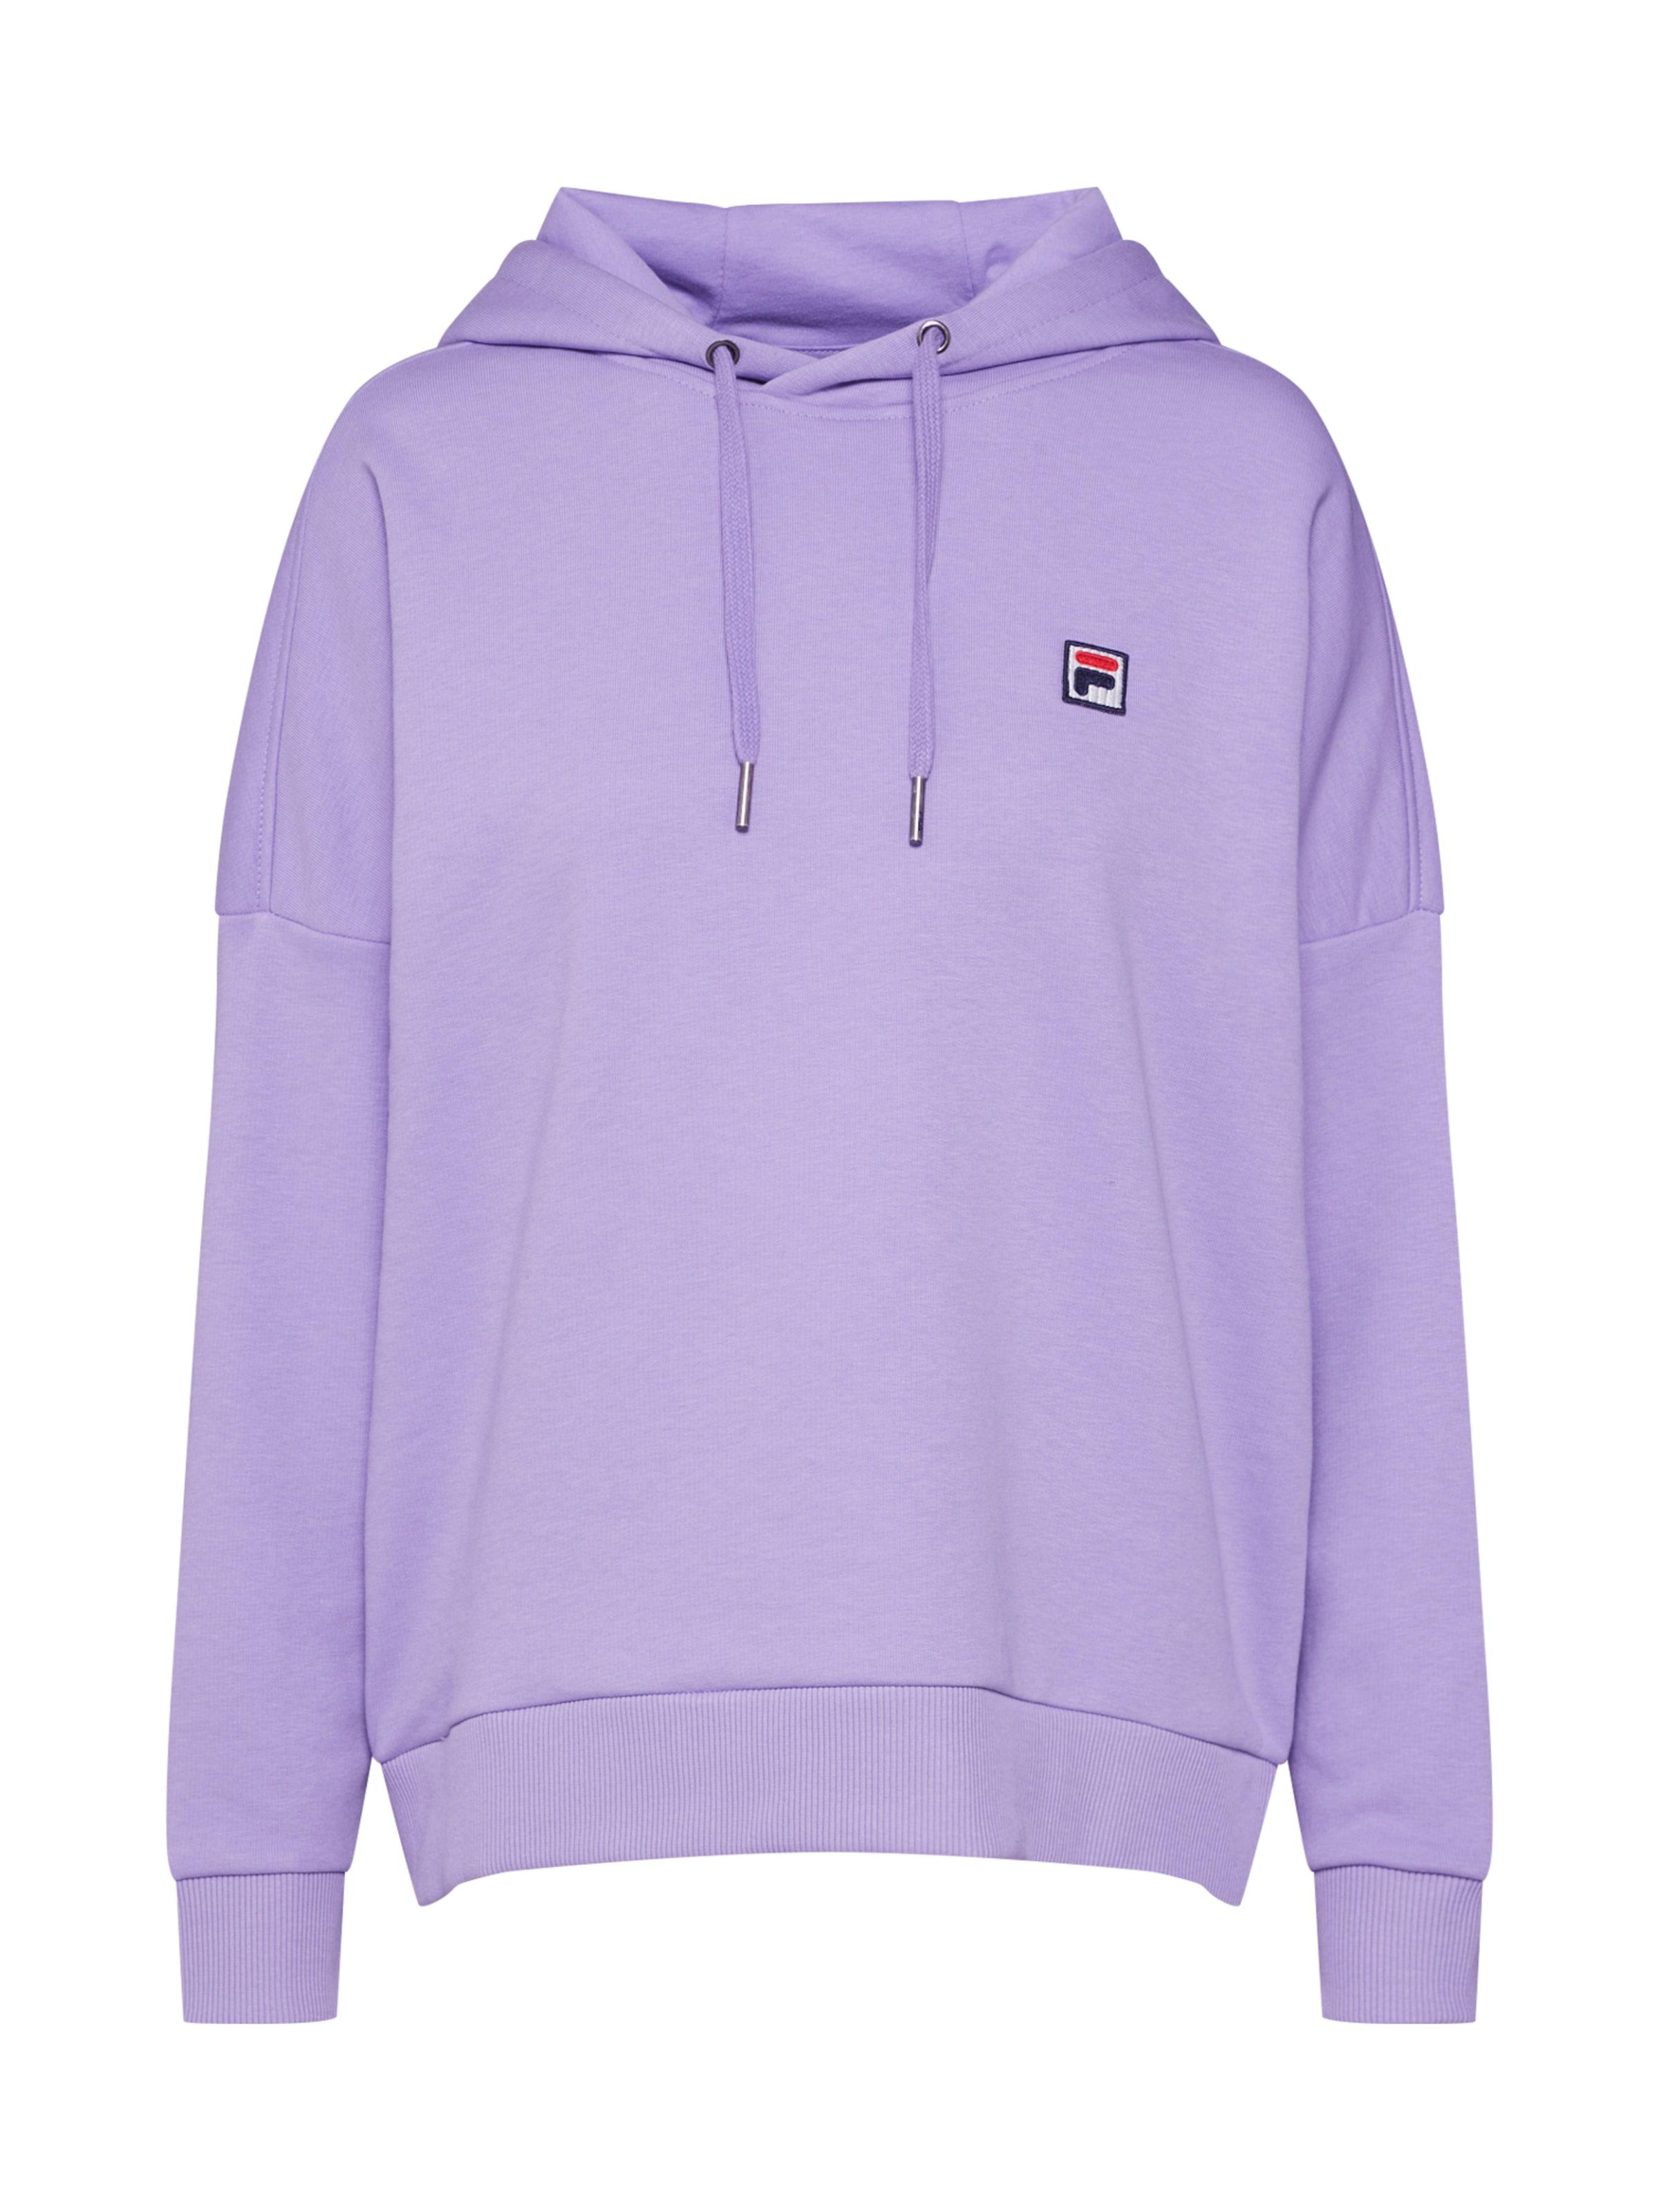 Flieder Fila Sweat' Cropped In Hoodie 'ada Sweatshirt XP80wOkn